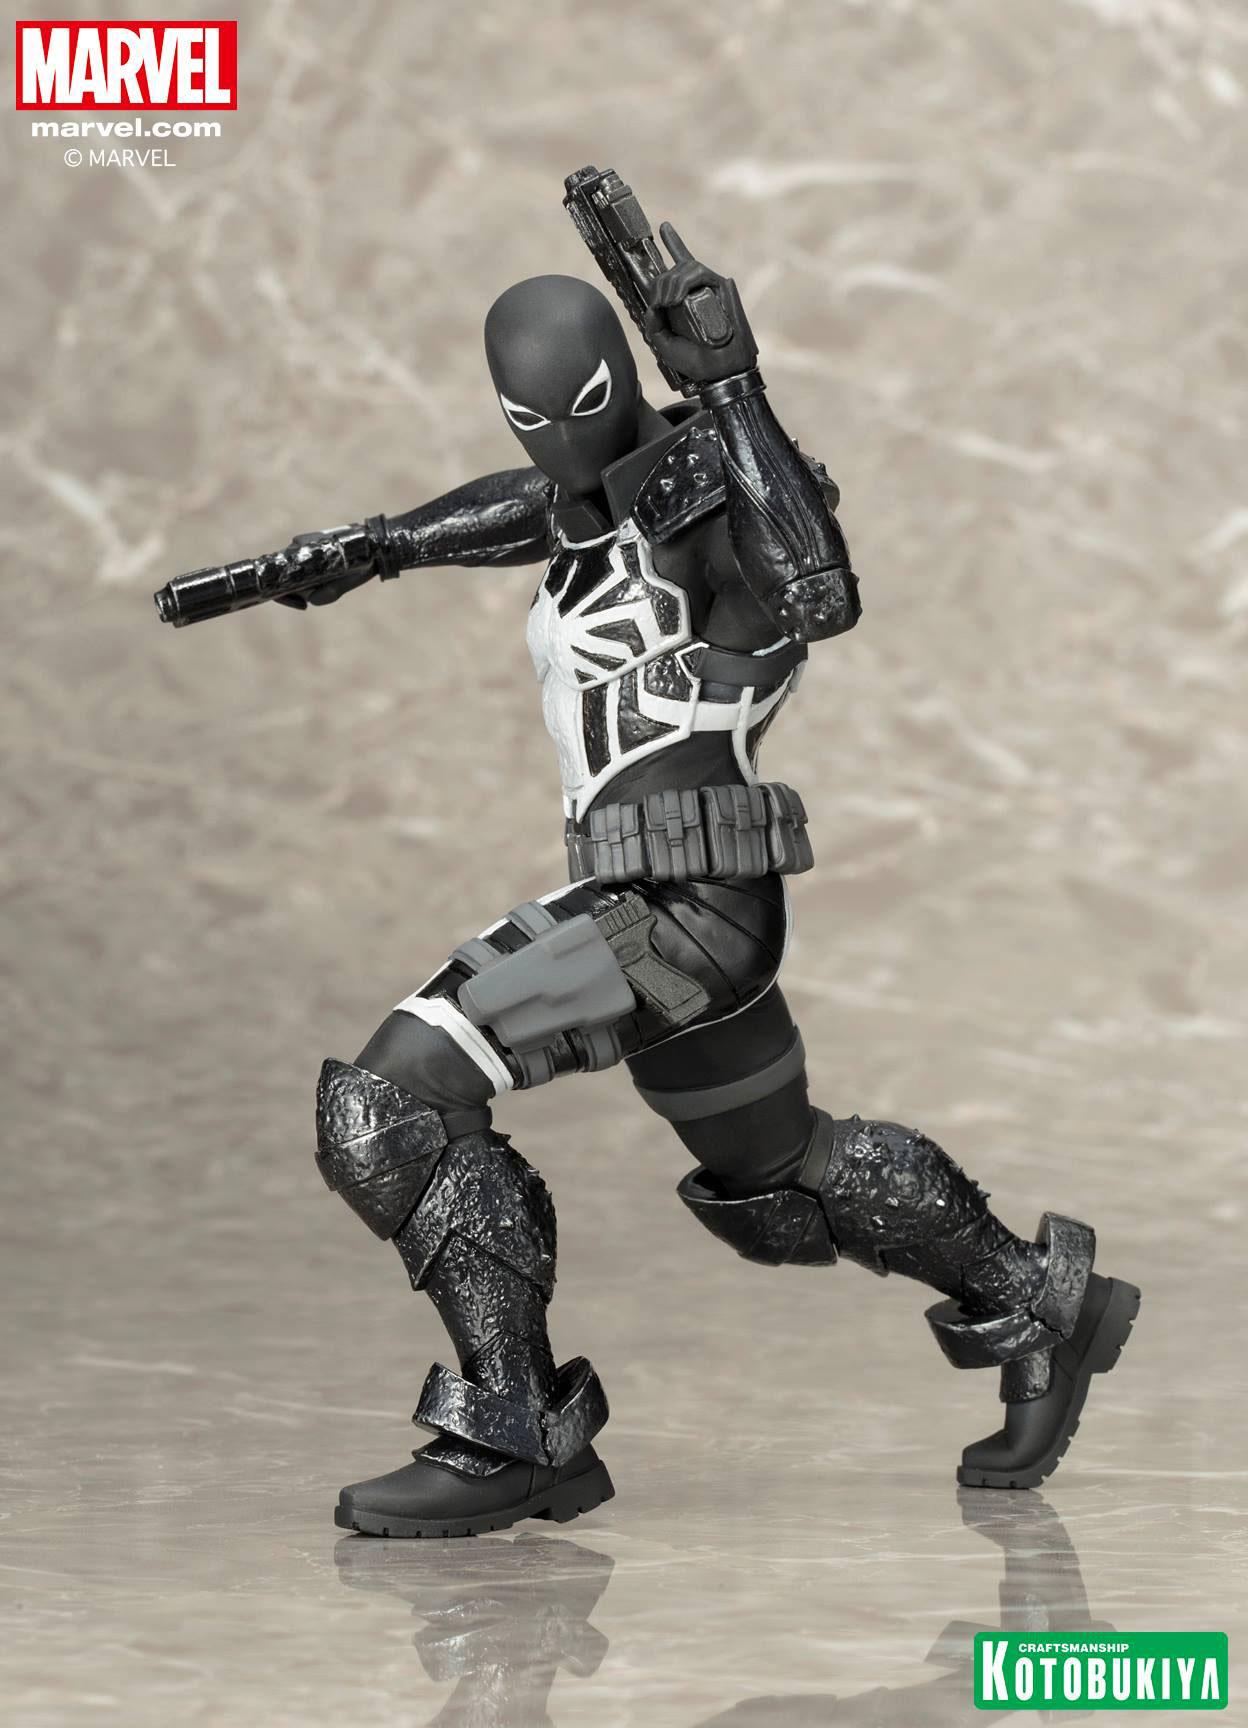 kotobukiya-marvel-agent-venom-statue-1